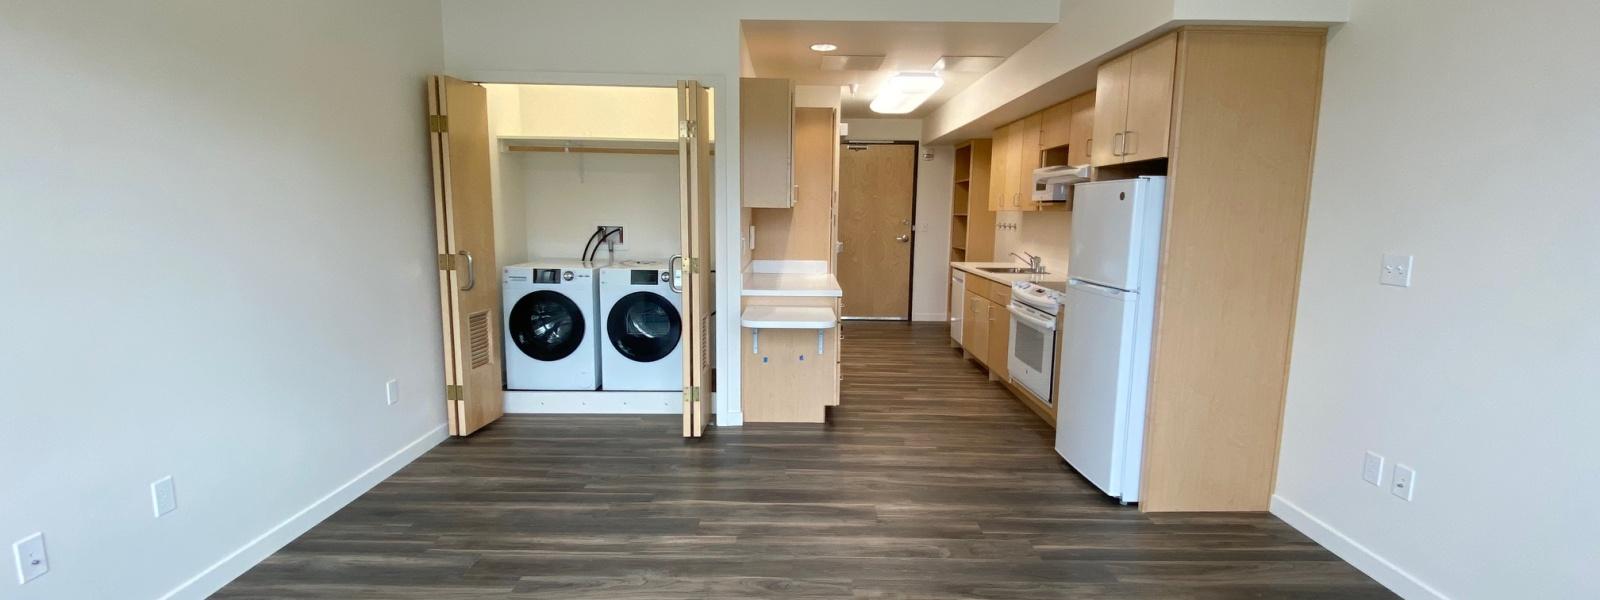 Eagle River, Alaska, 99577, ,1 BathroomBathrooms,Duplex,For Rent